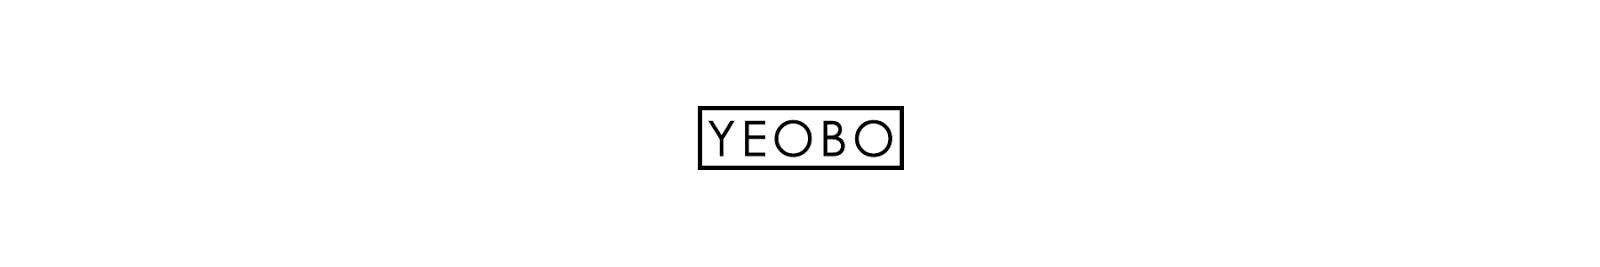 Yeobo